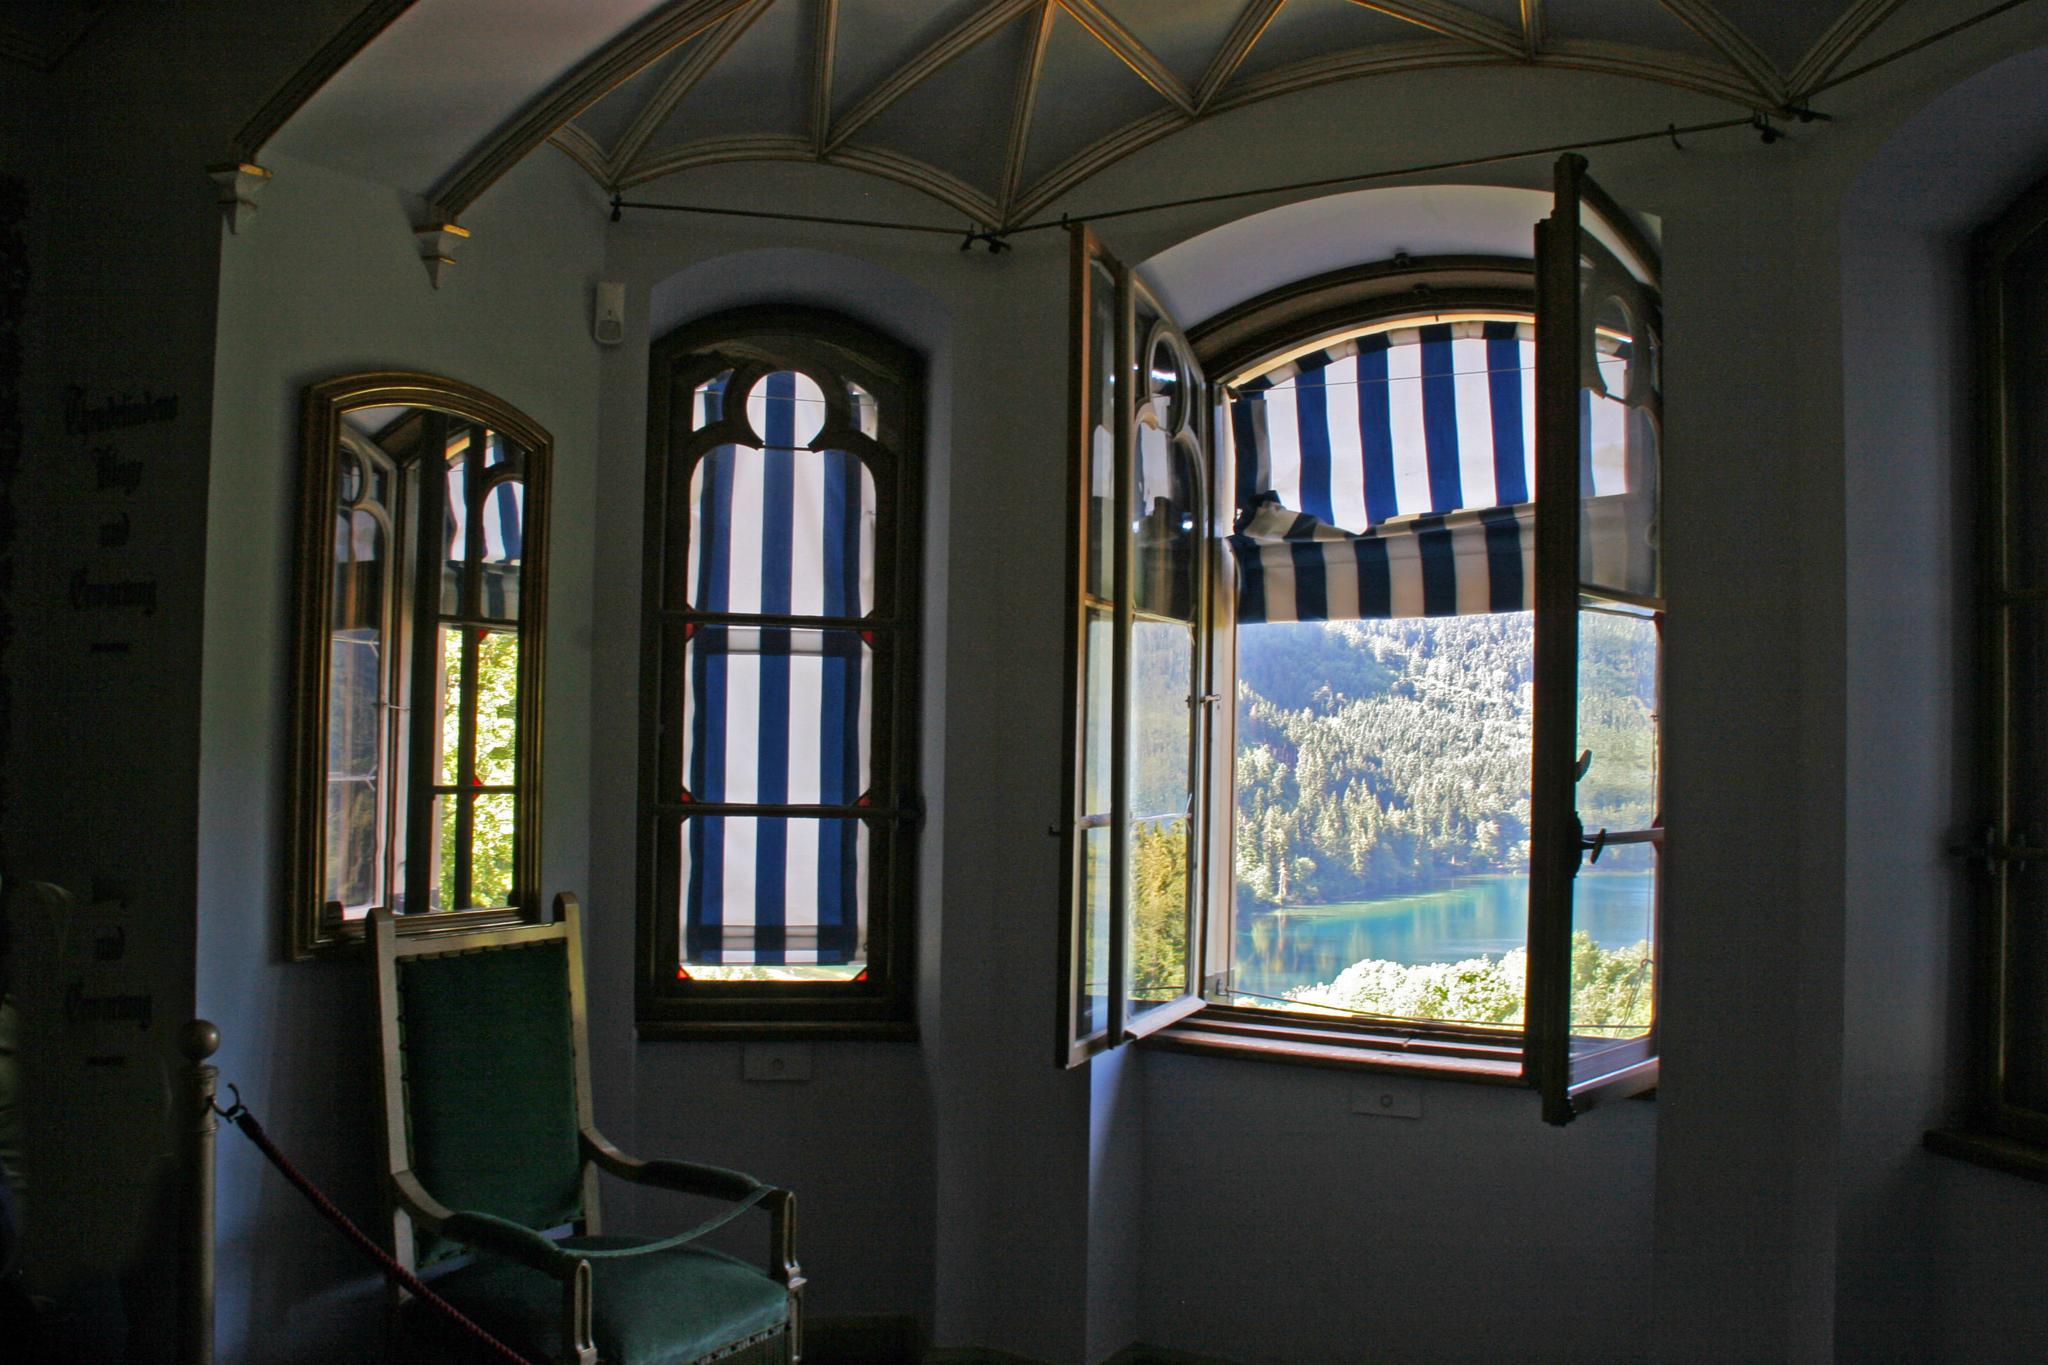 Howhenschwangau - Bedroom Window by Carl Main